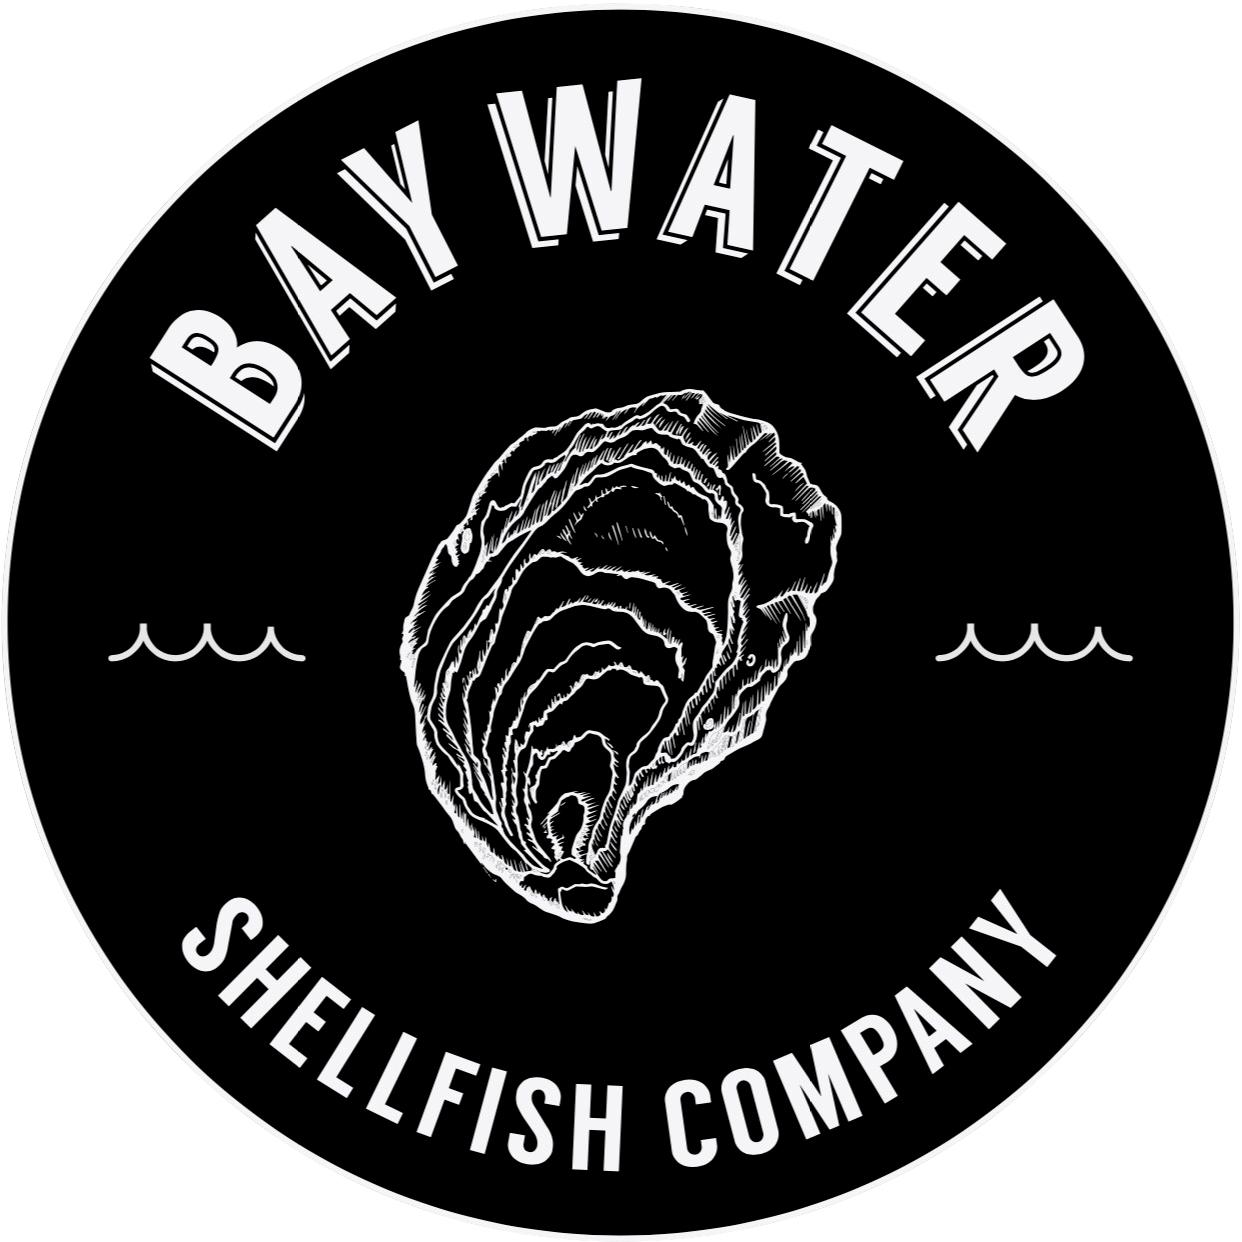 Baywater Shellfish